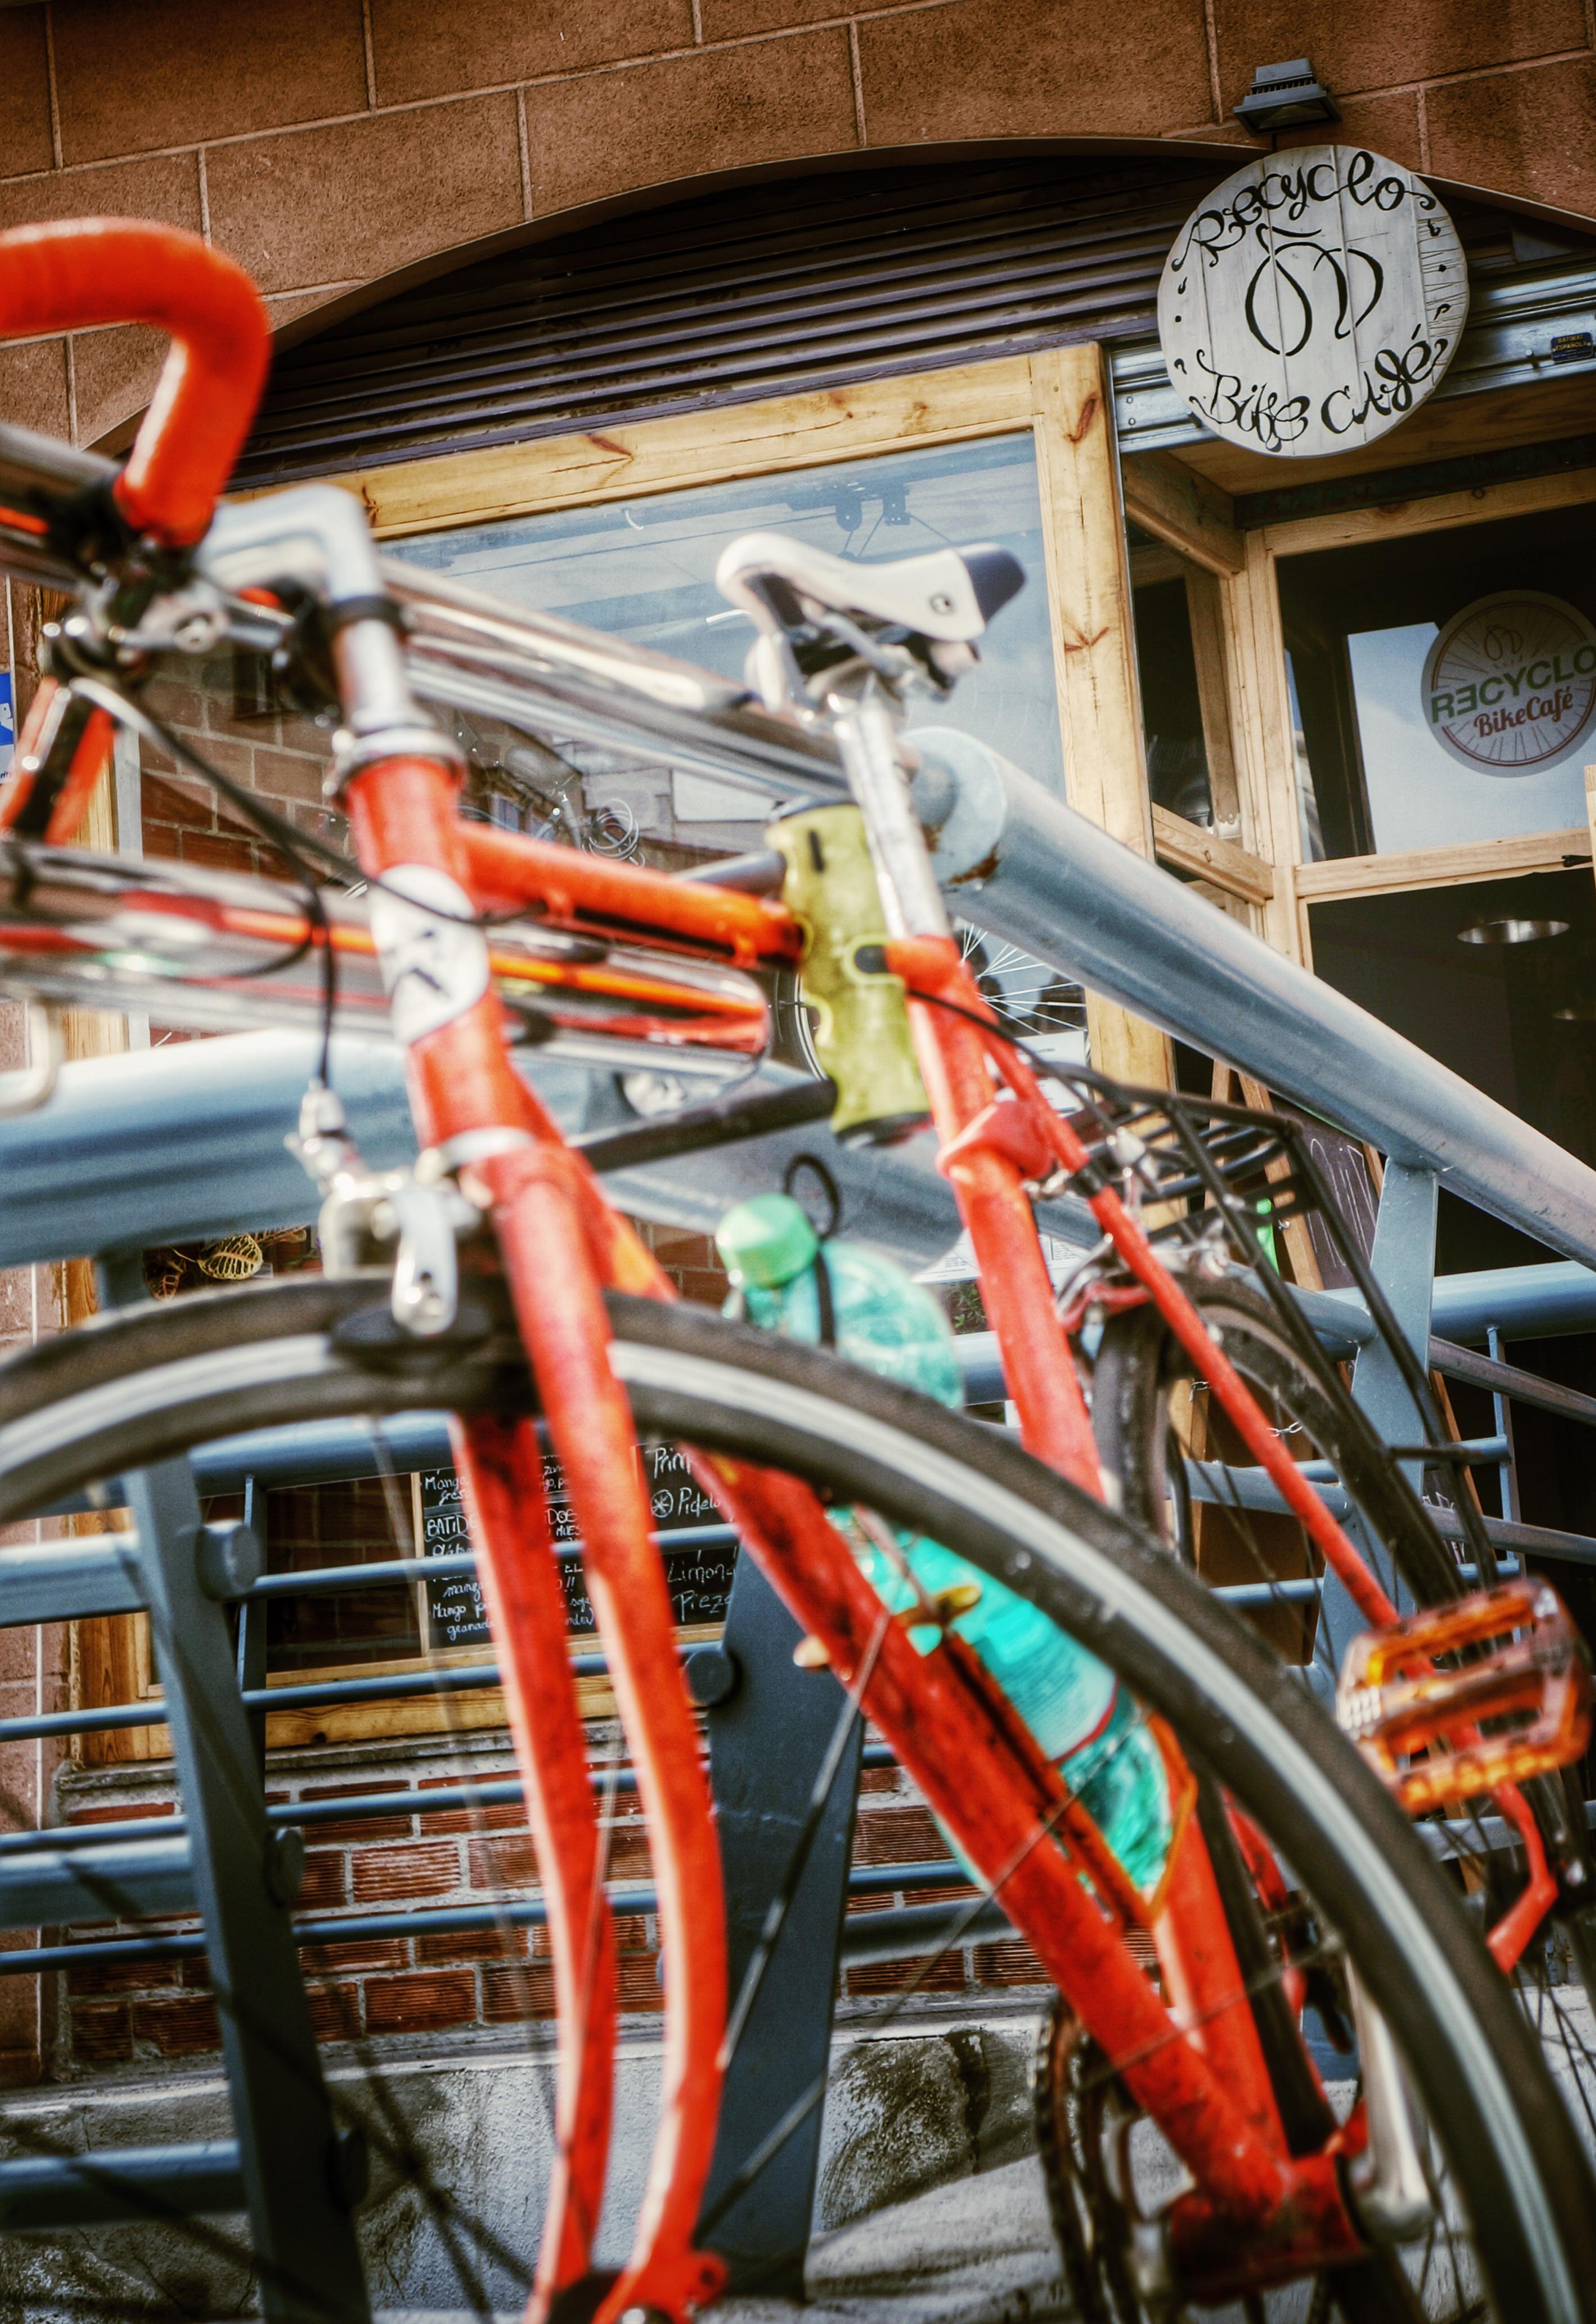 Przewodnik Malaga -Recyclo Bike Cafe